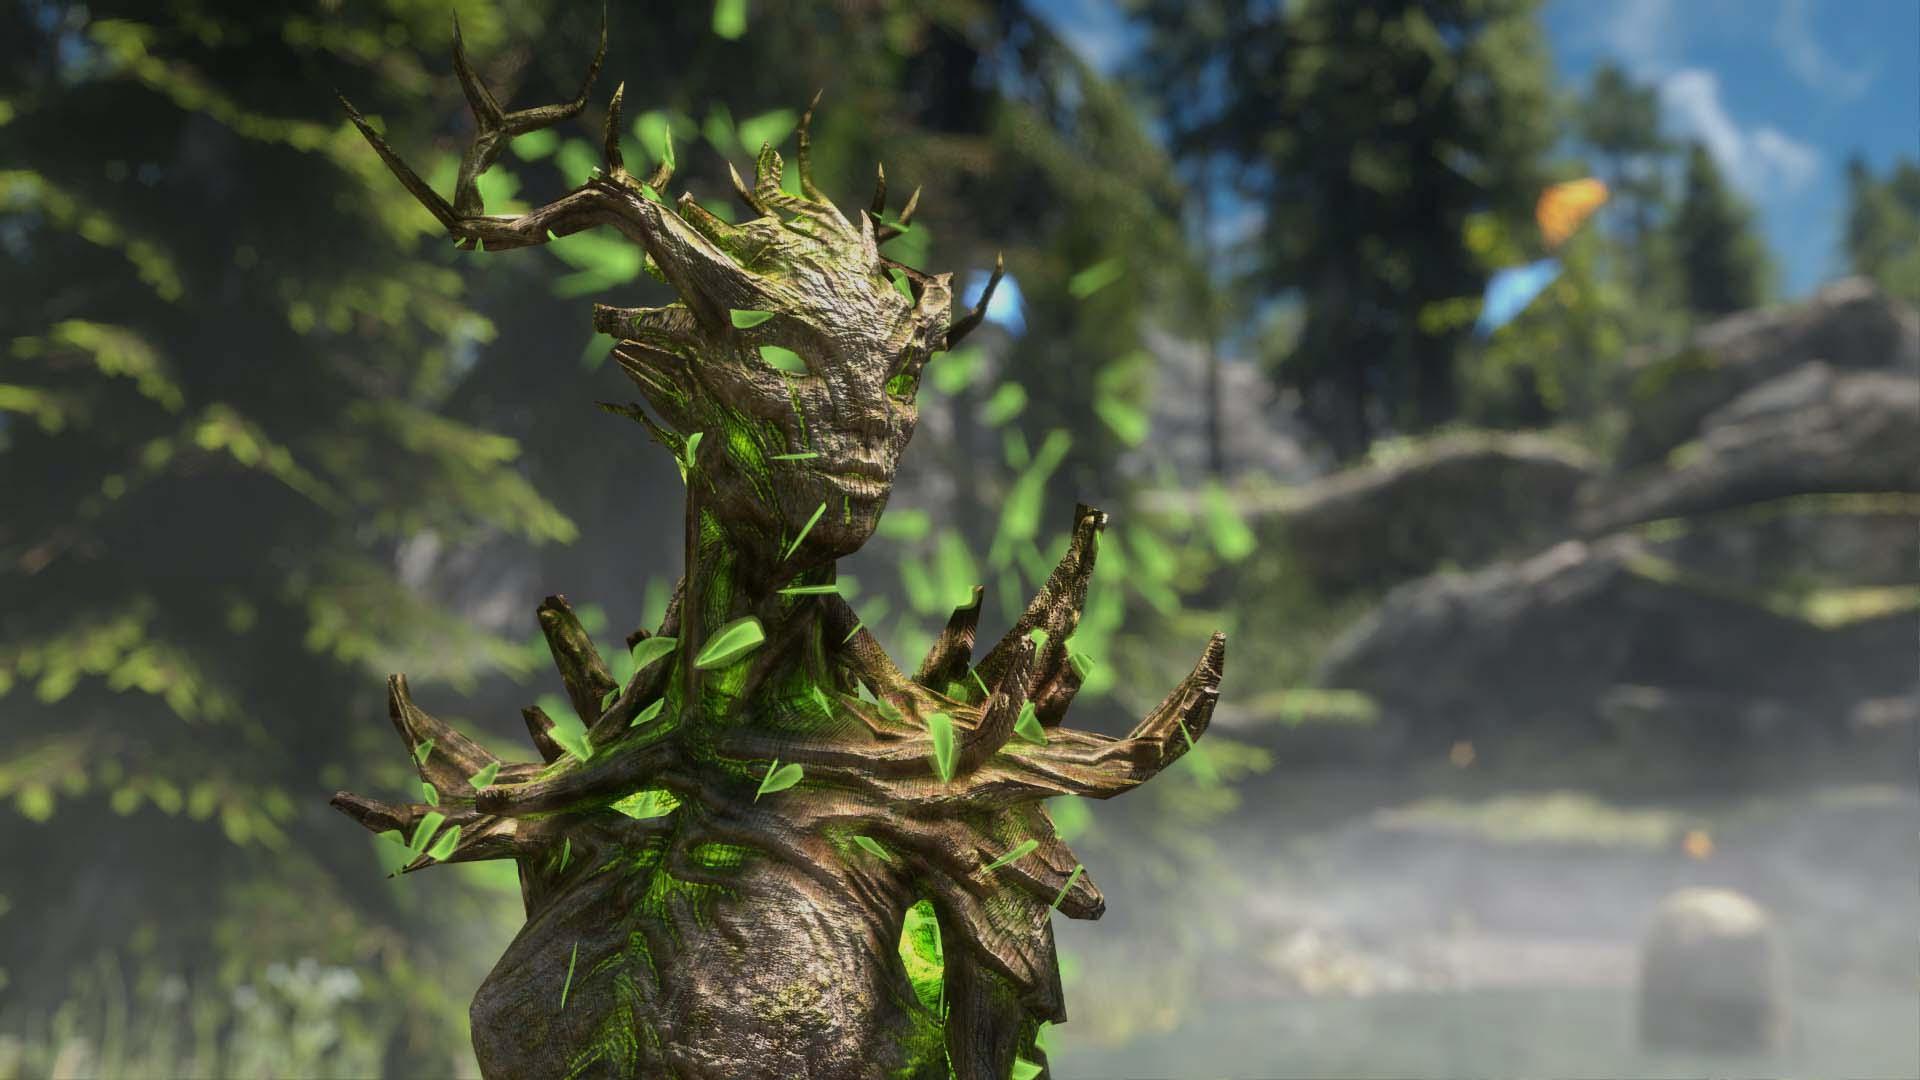 Для Kingdom Come: Deliverance вышел мод, делающий графику игры более реалистичной